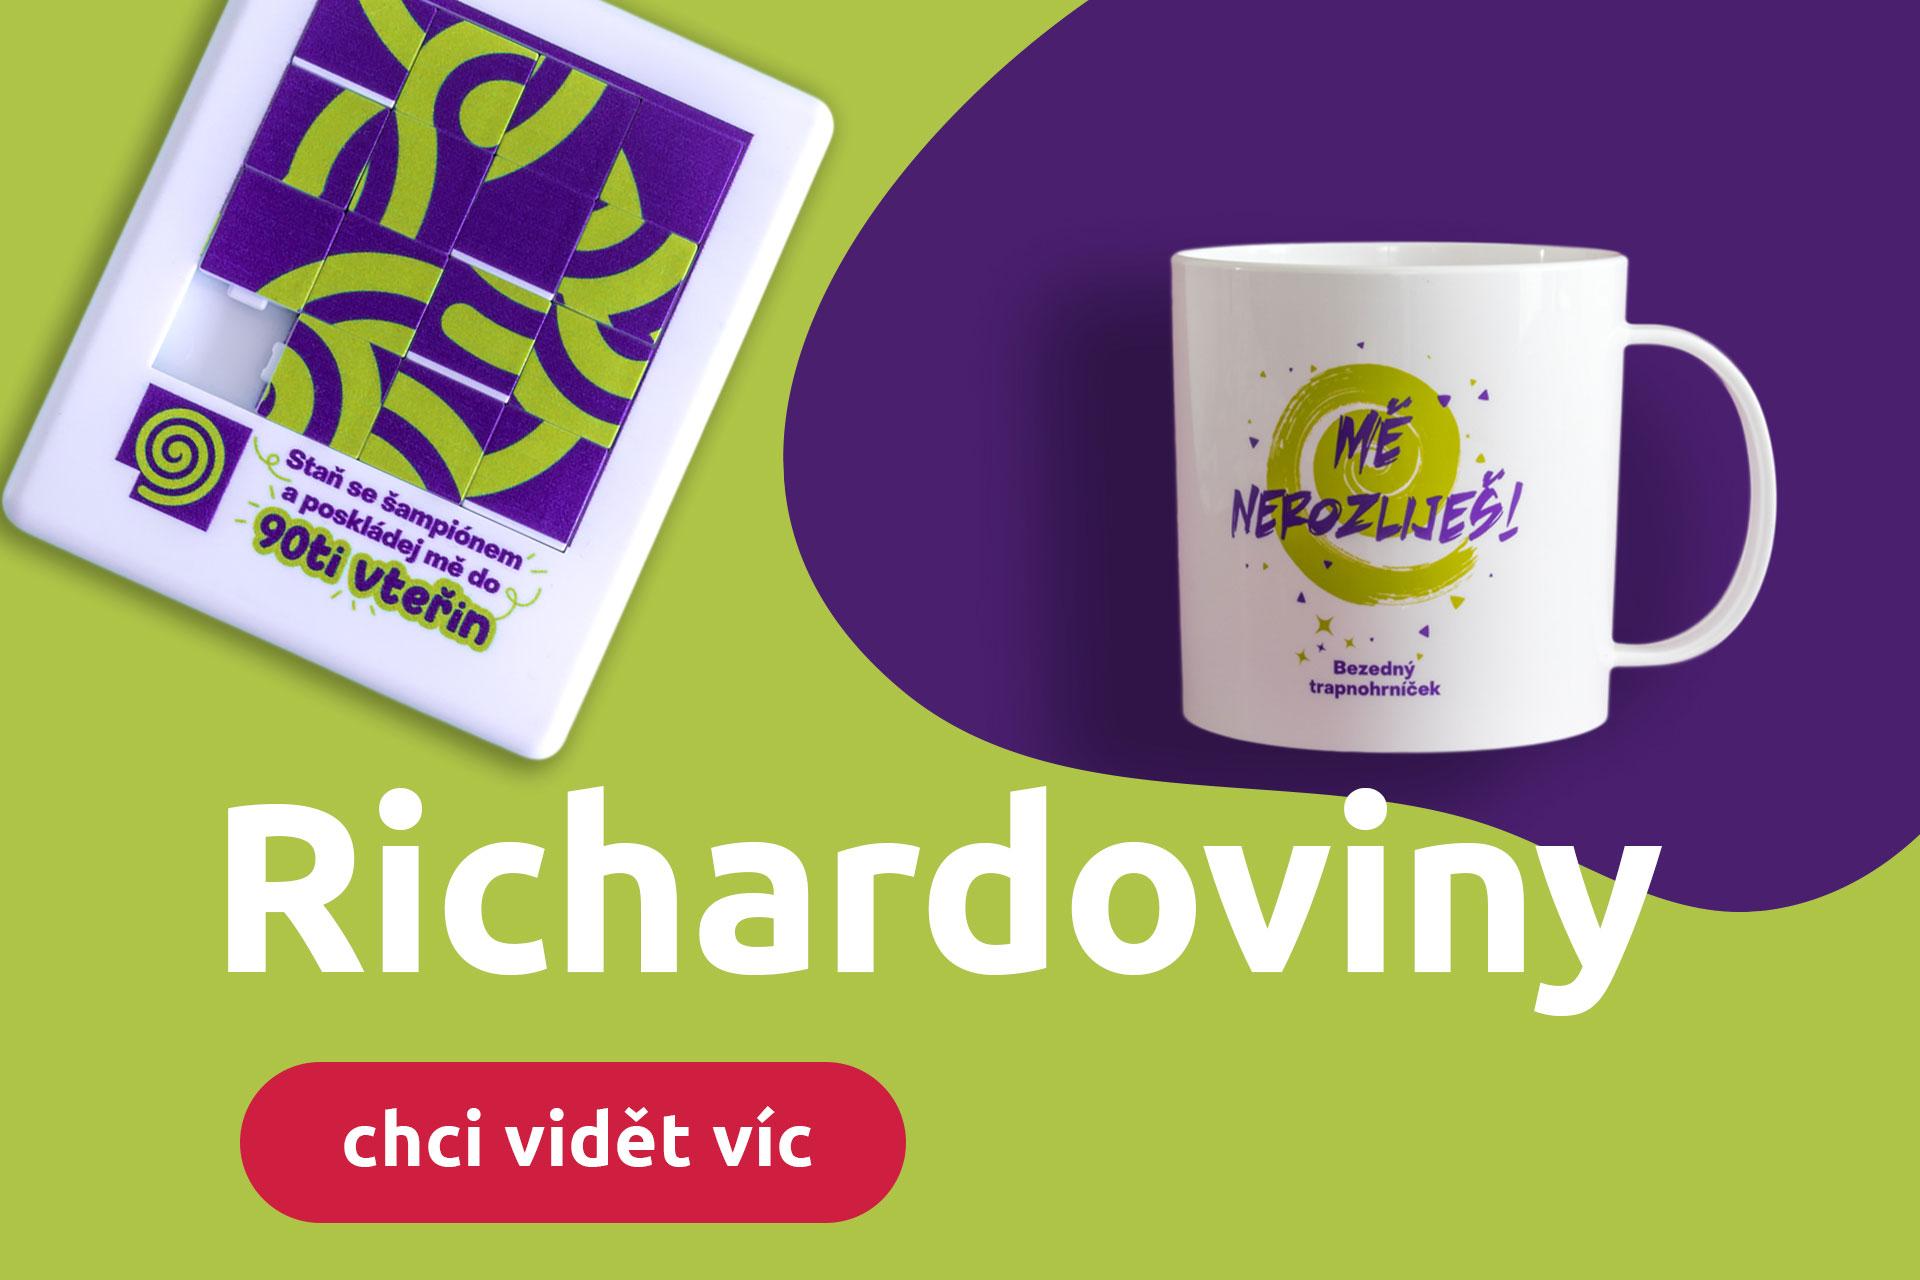 richardoviny